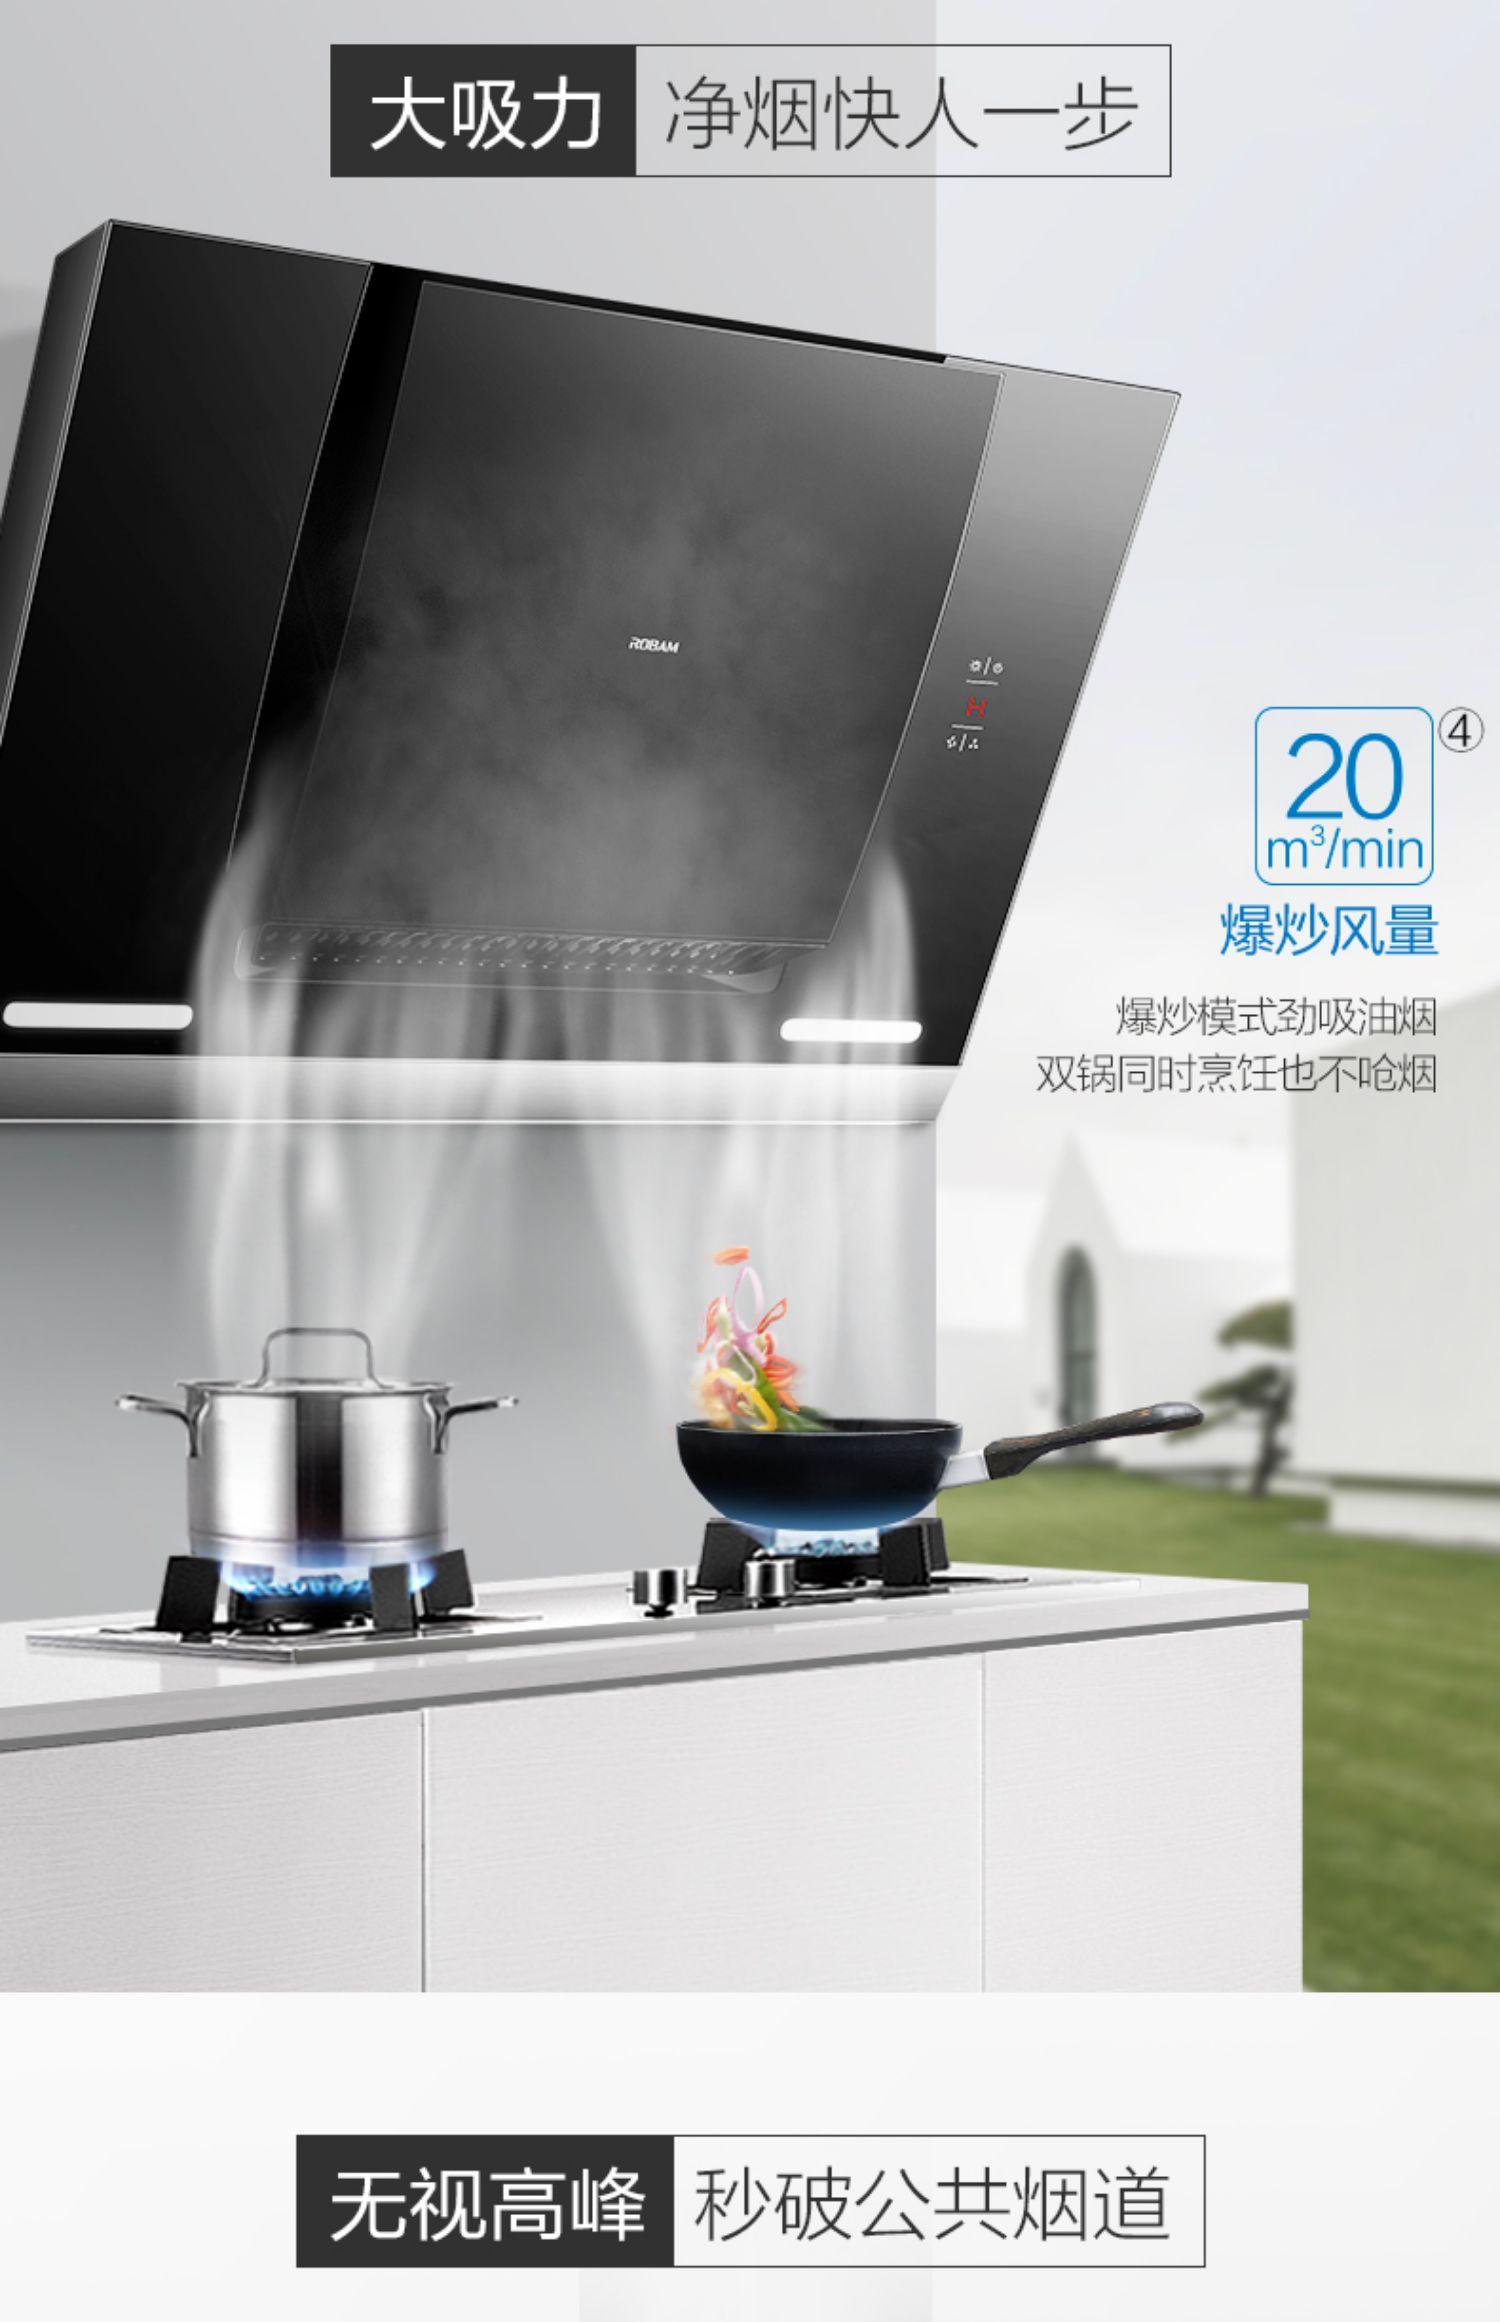 老板25X8油烟机侧吸式家用大吸力抽油烟机正品厨房电器新品大吸力商品详情图